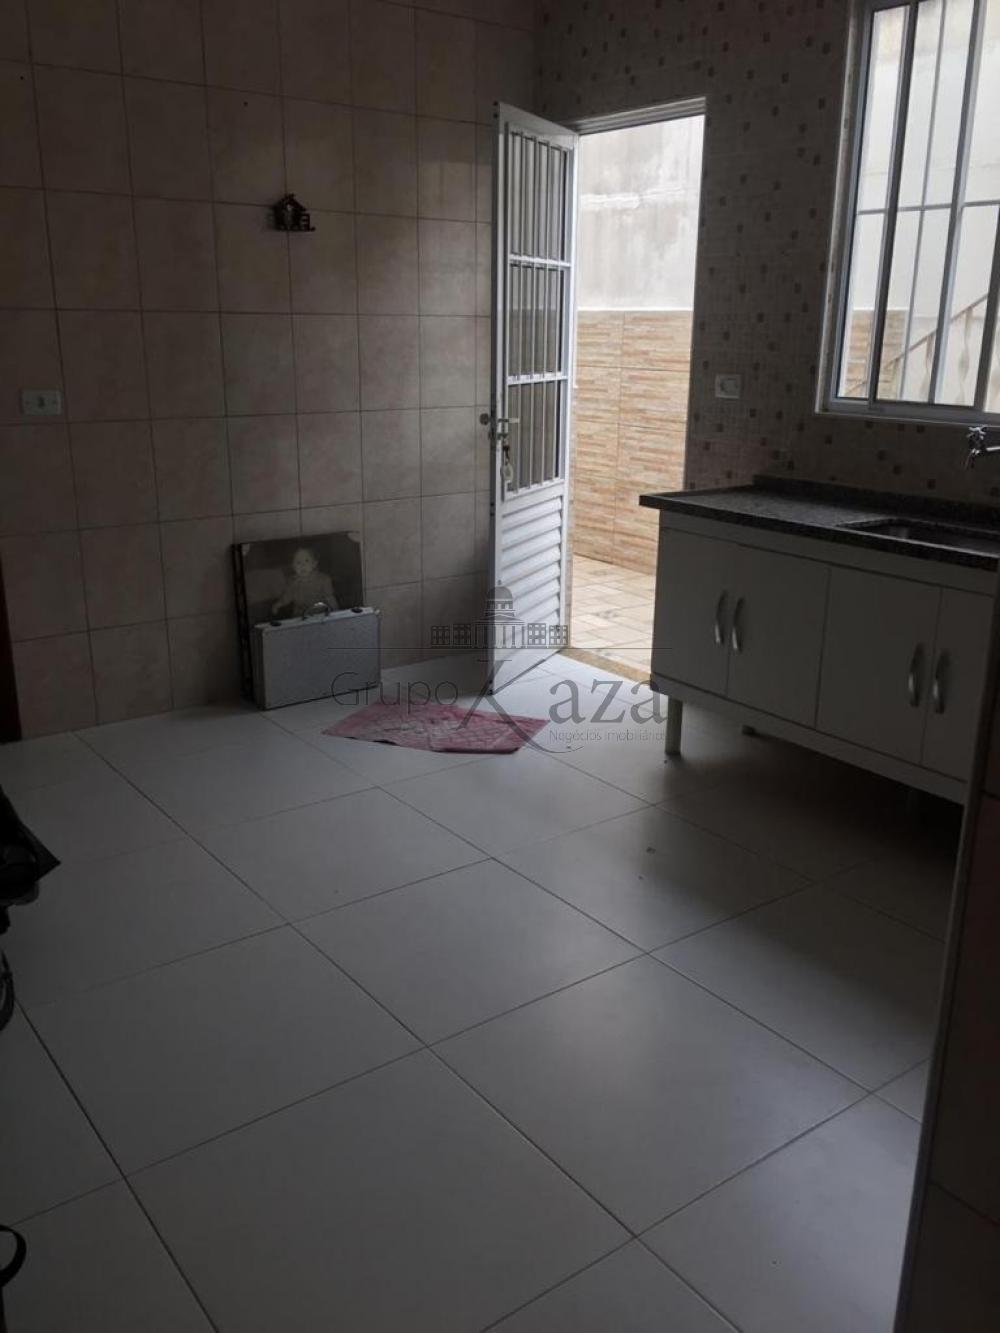 Comprar Casa / Sobrado em São José dos Campos apenas R$ 450.000,00 - Foto 9